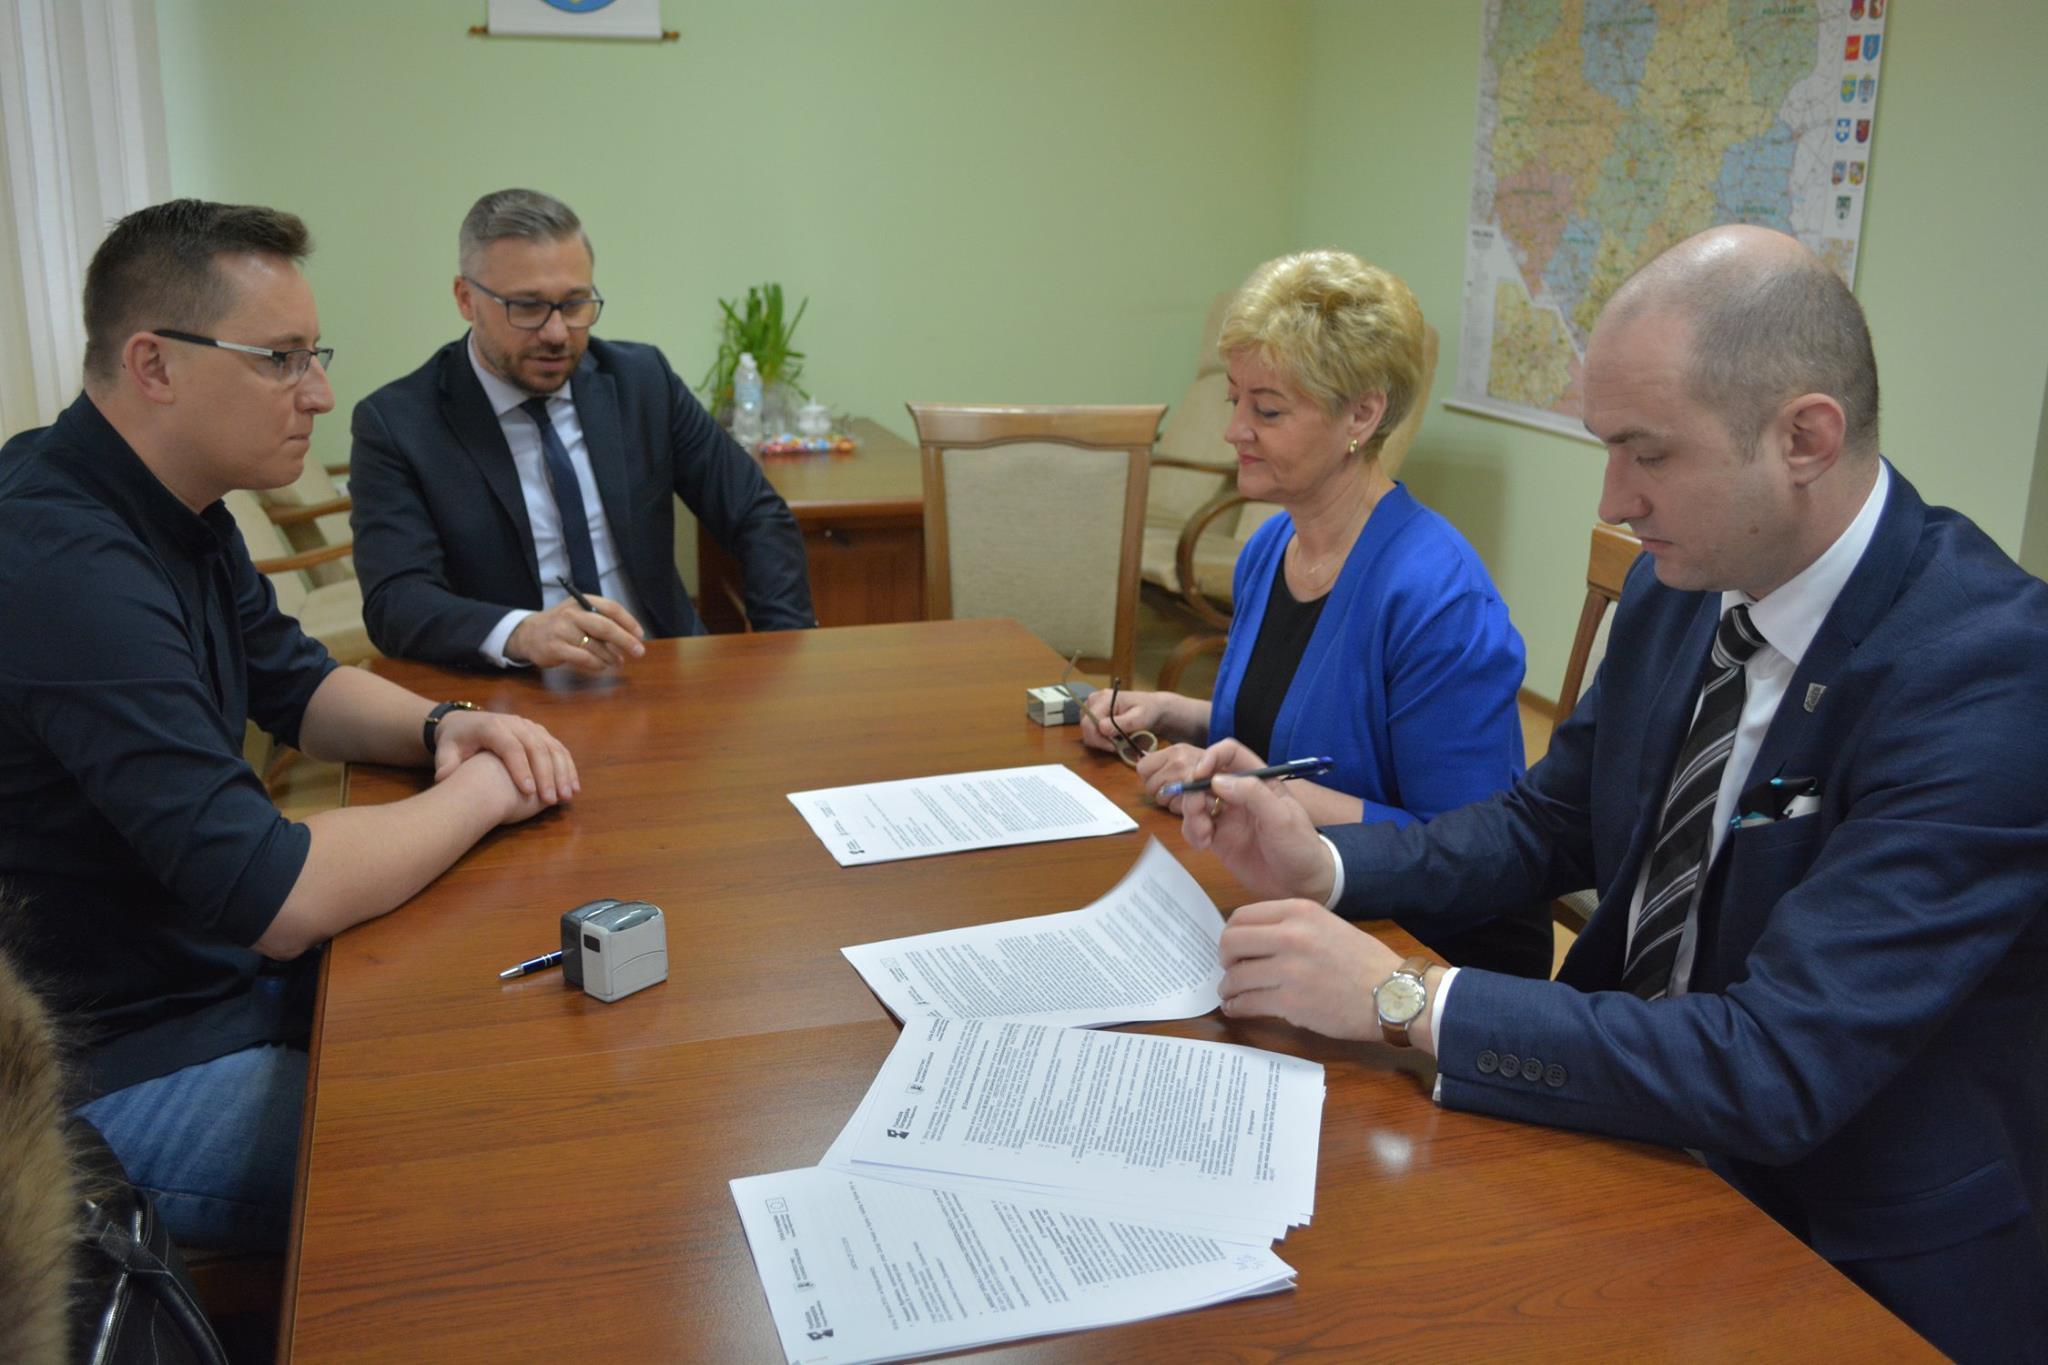 Podpisanie umowy na realizację inwestycji w Rypinie